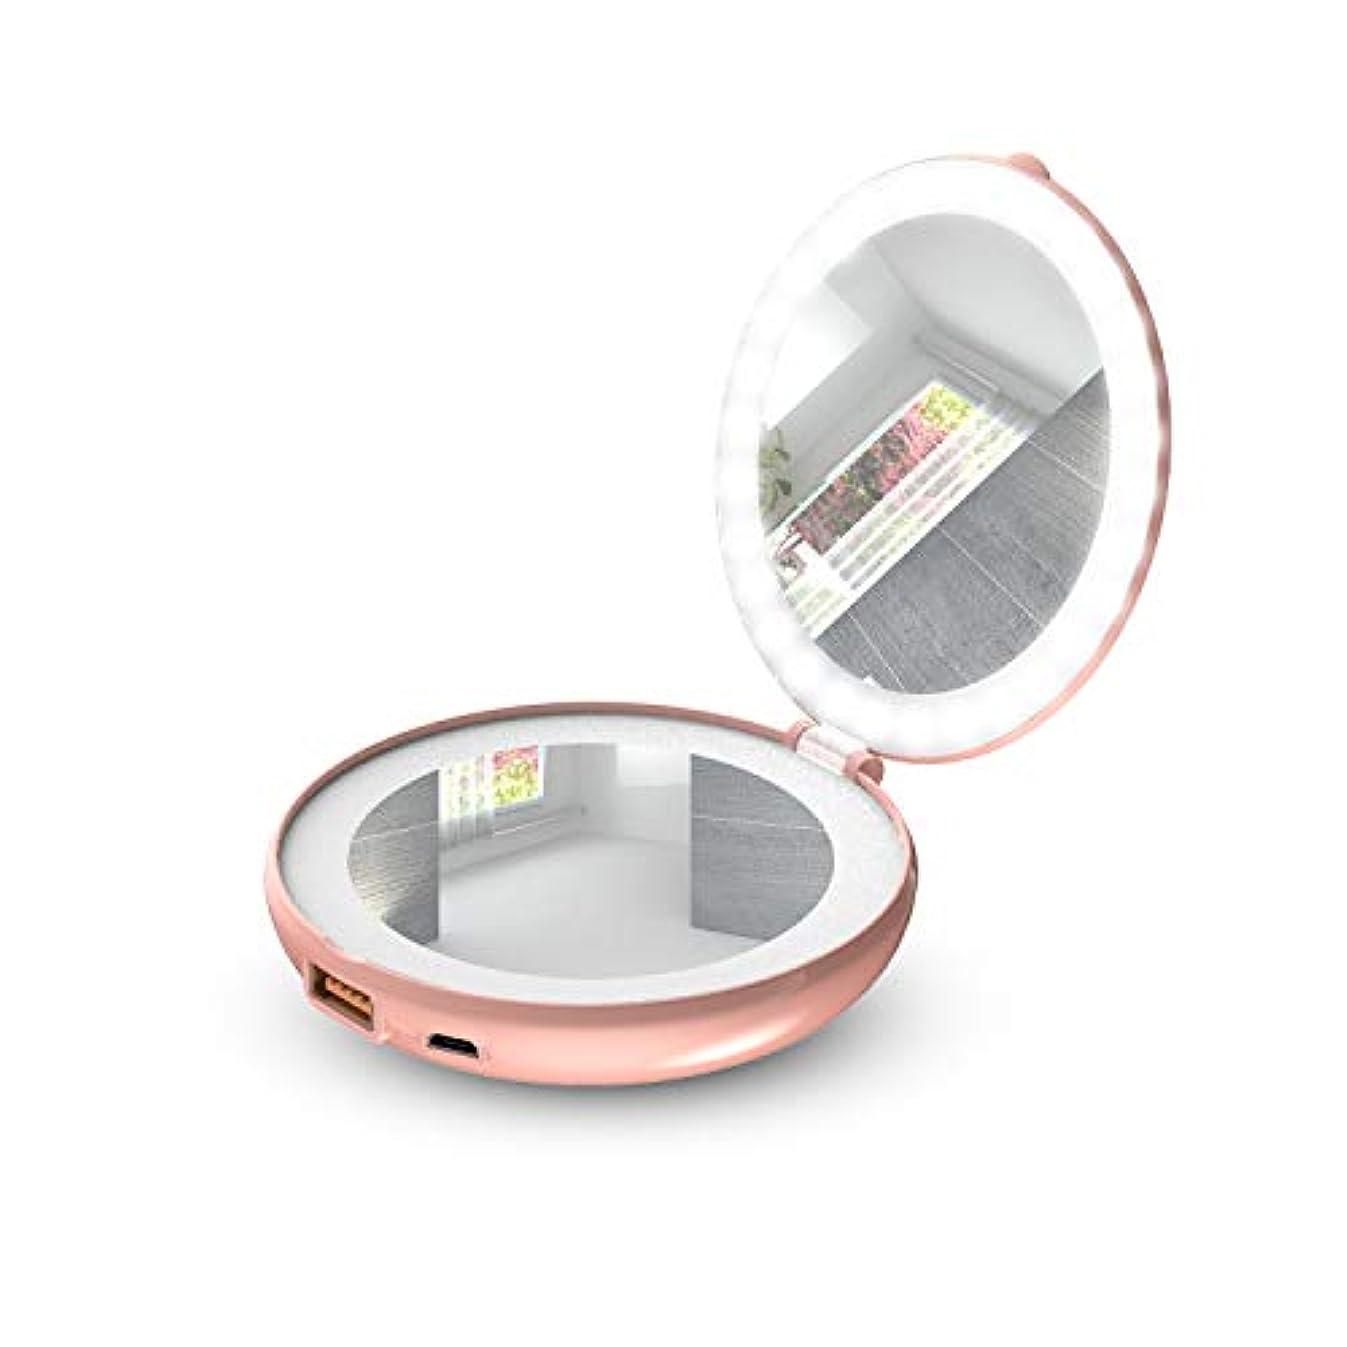 ストライク促すジョセフバンクス手鏡 折り畳み式化粧鏡 メイクアップミラー LEDライト&モバイルバッテリー付き (ローズゴールド)